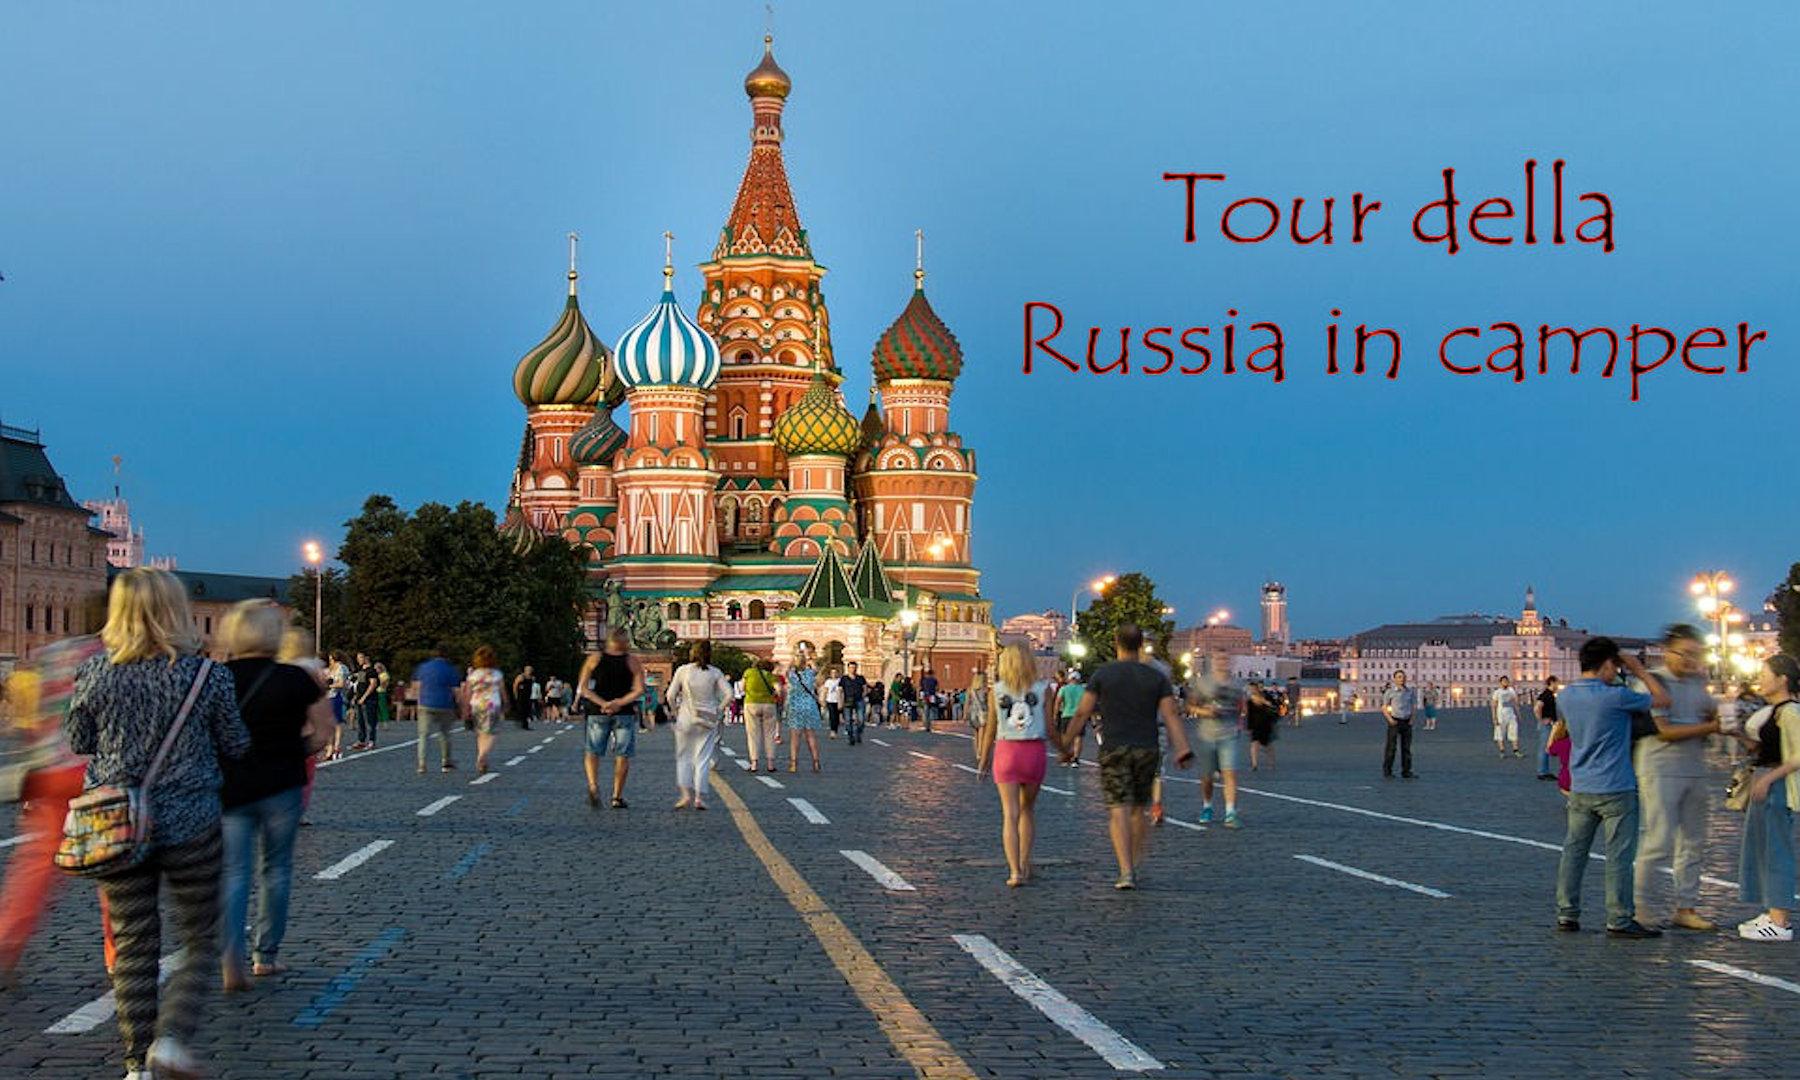 Tour della Russia in camper